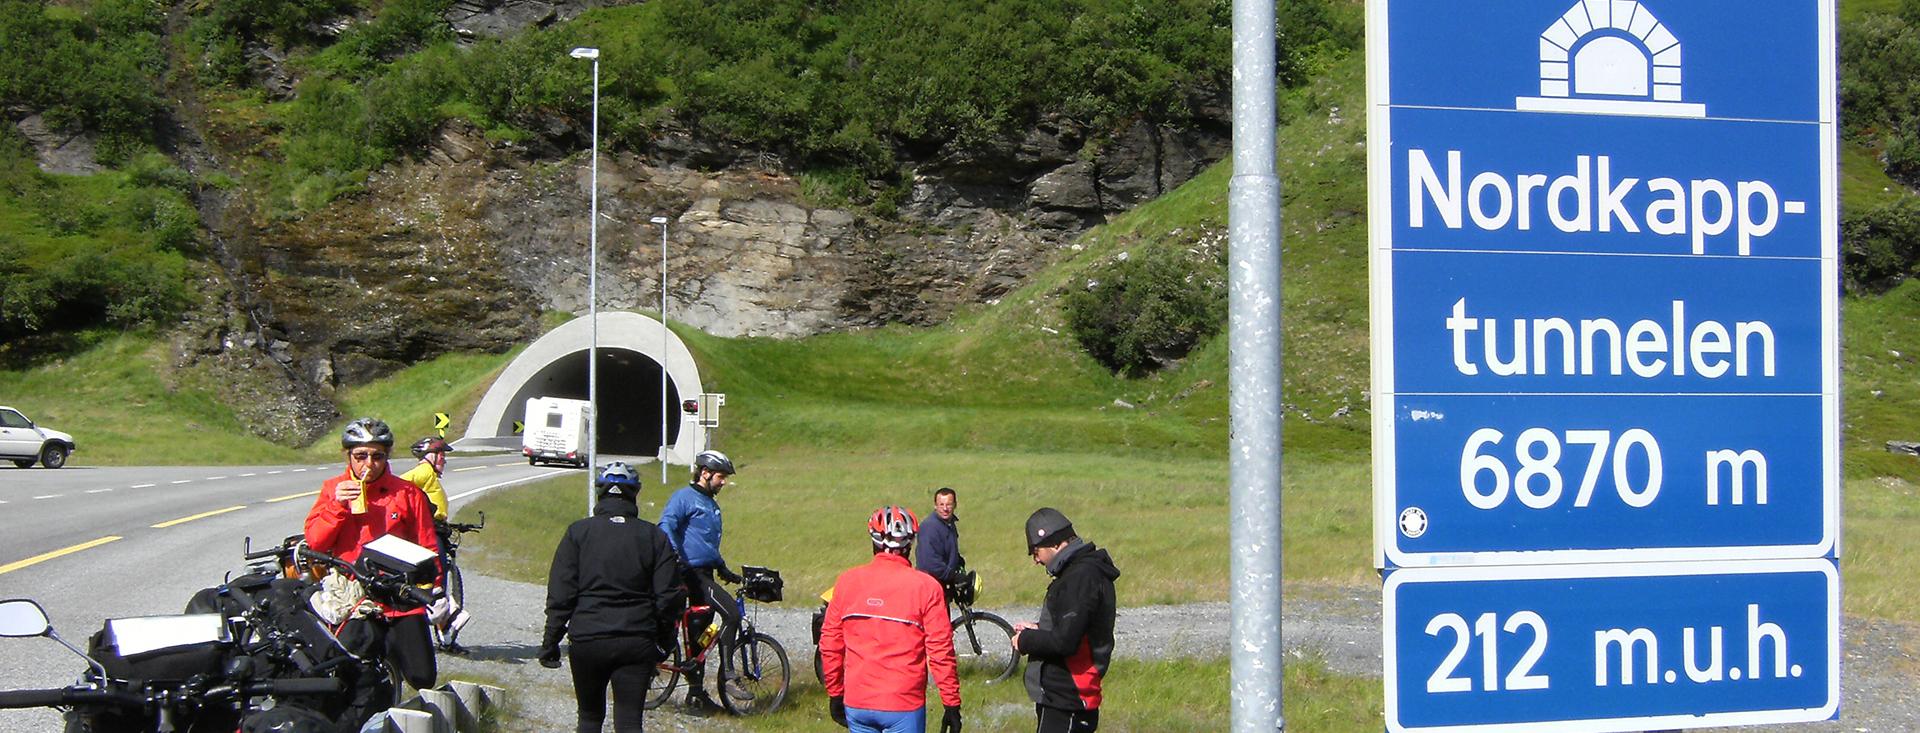 Viaggio in bici a Capo Nord Skybike – Luglio 2008